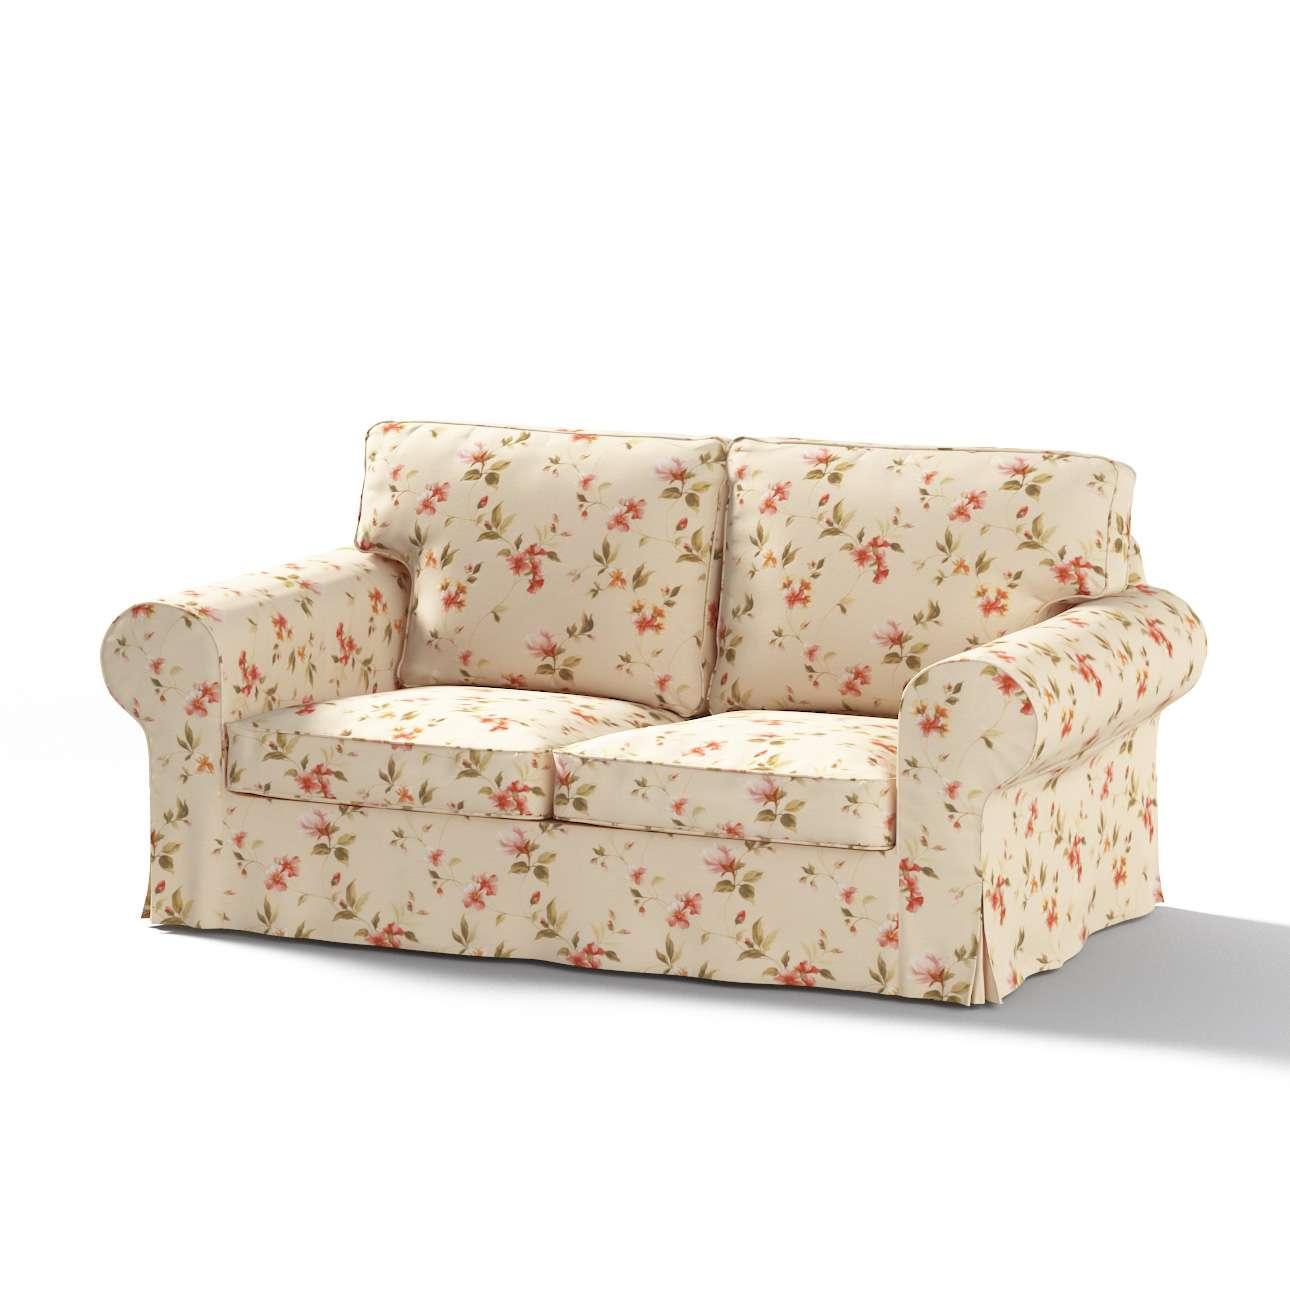 Potah na pohovku IKEA Ektorp 2-místná rozkládací  NOVÝ MODEL od 2012 Ektorp 2012 v kolekci Londres, látka: 124-05